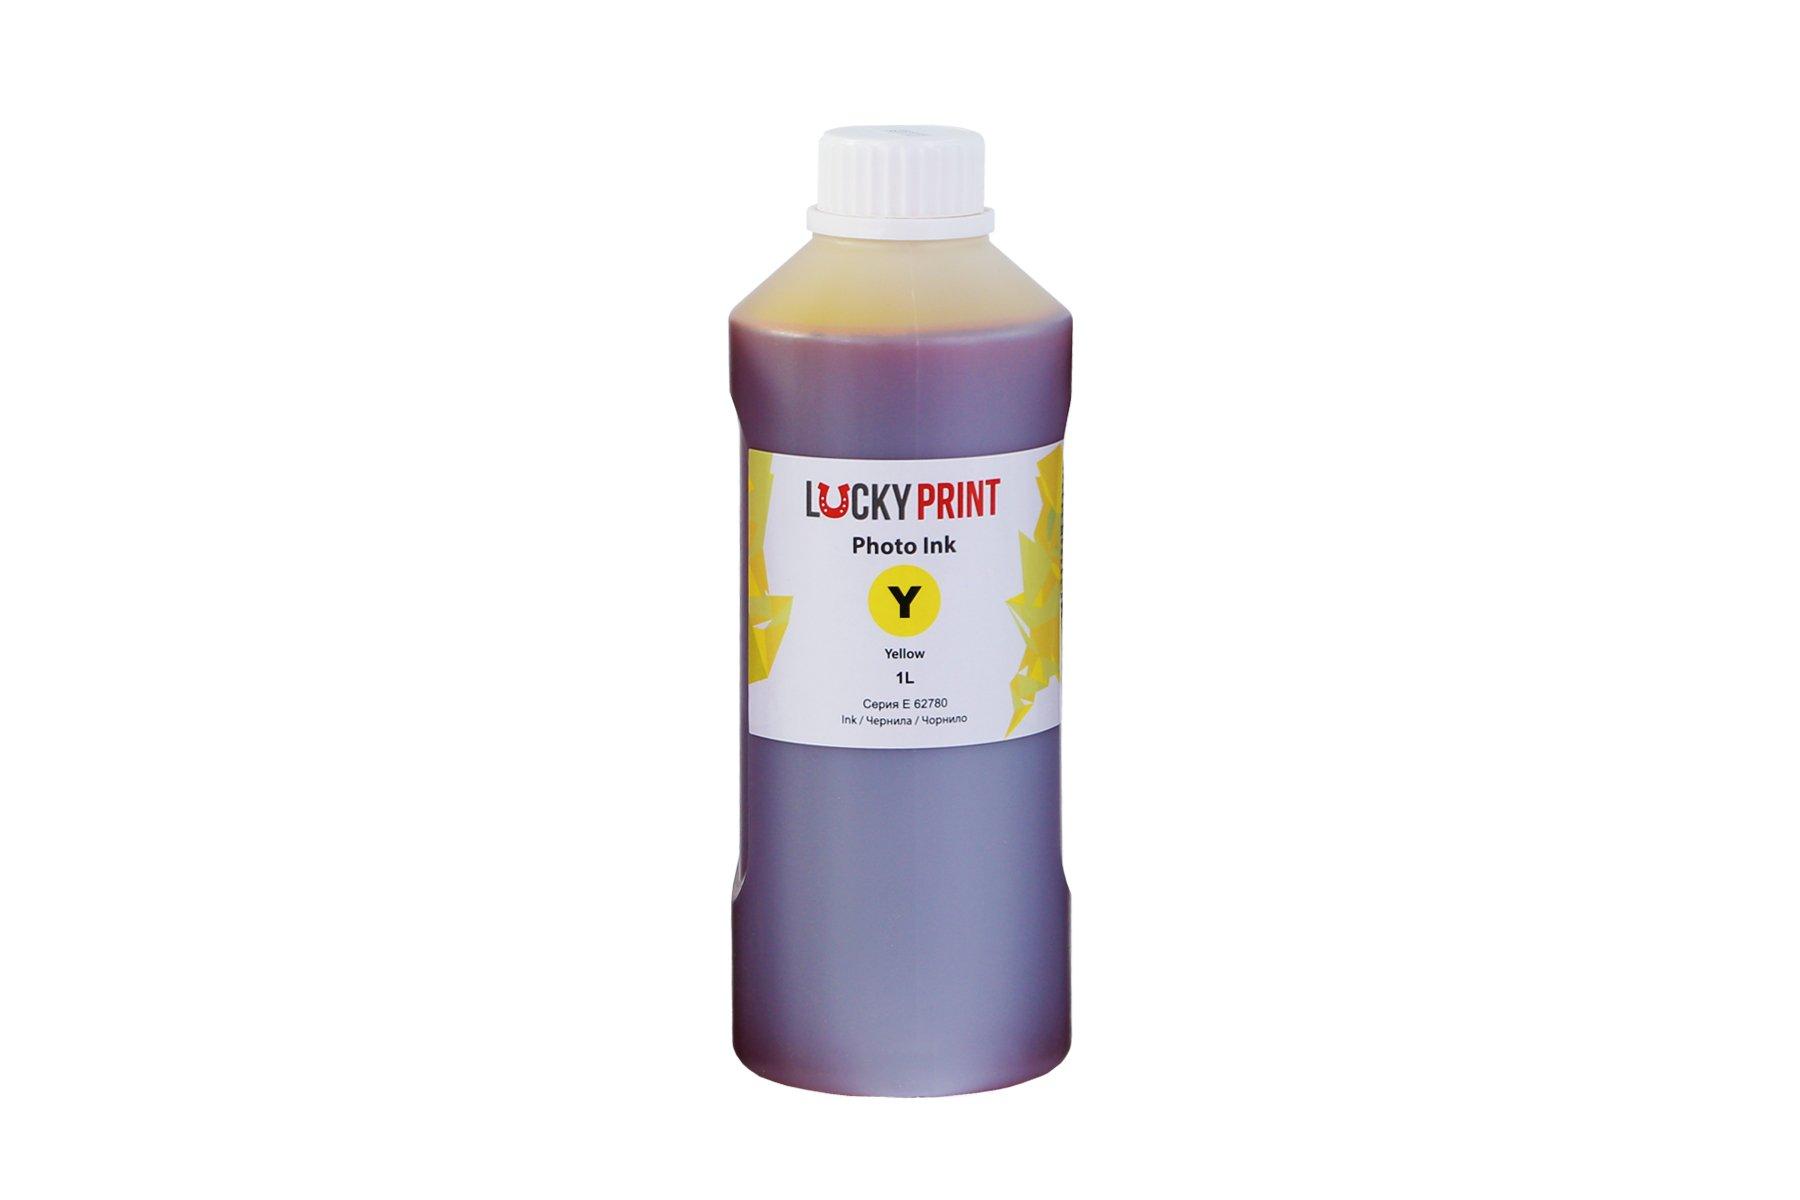 Купить Фоточернила (водорастворимые) Lucky Print для Epson L800 Yellow (1L)